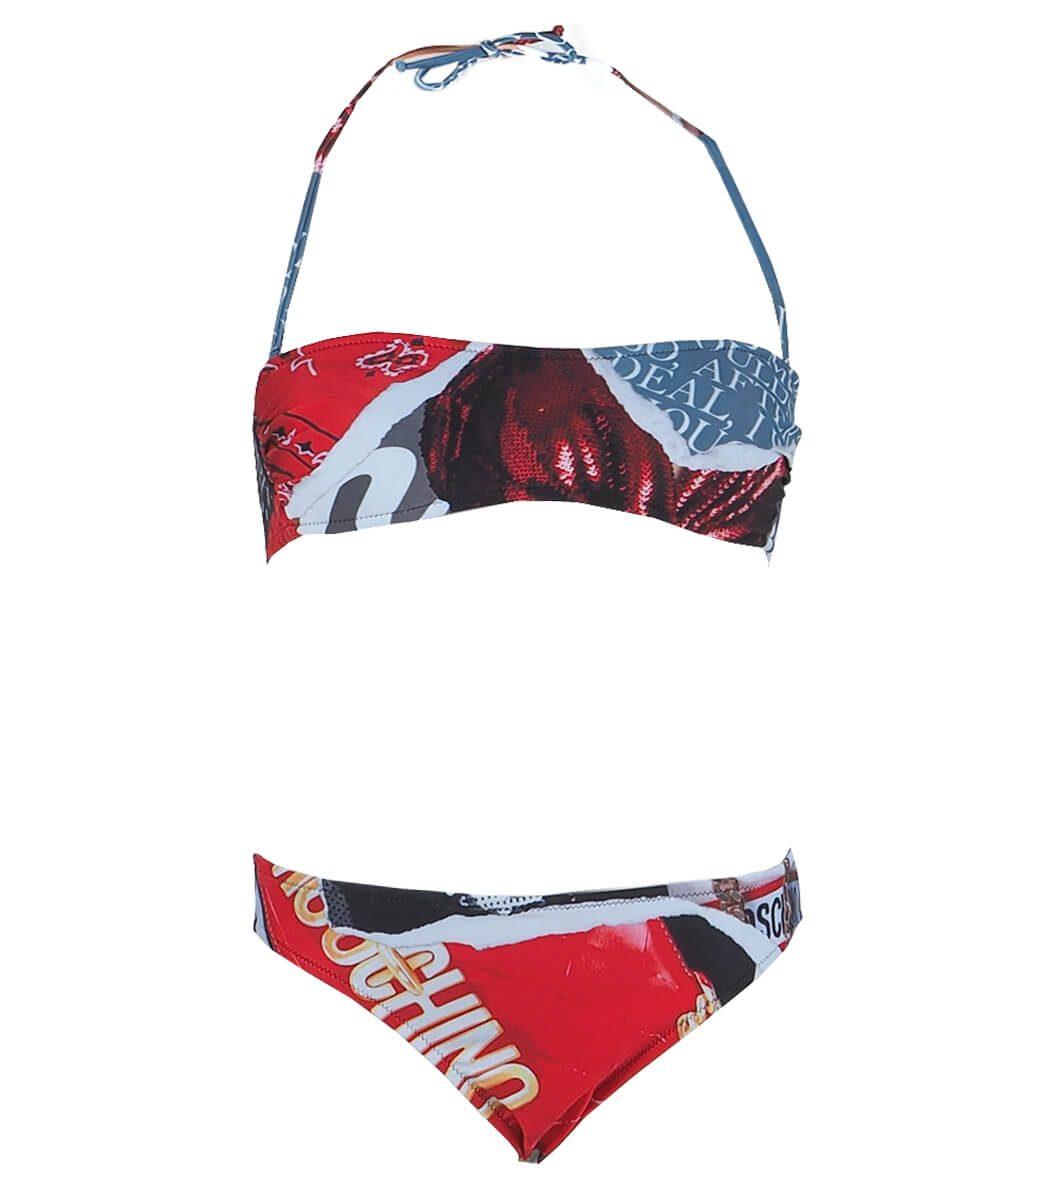 6c0bb6f1441 Women's Swimwear Moschino 2 - MyFashionstore.eu